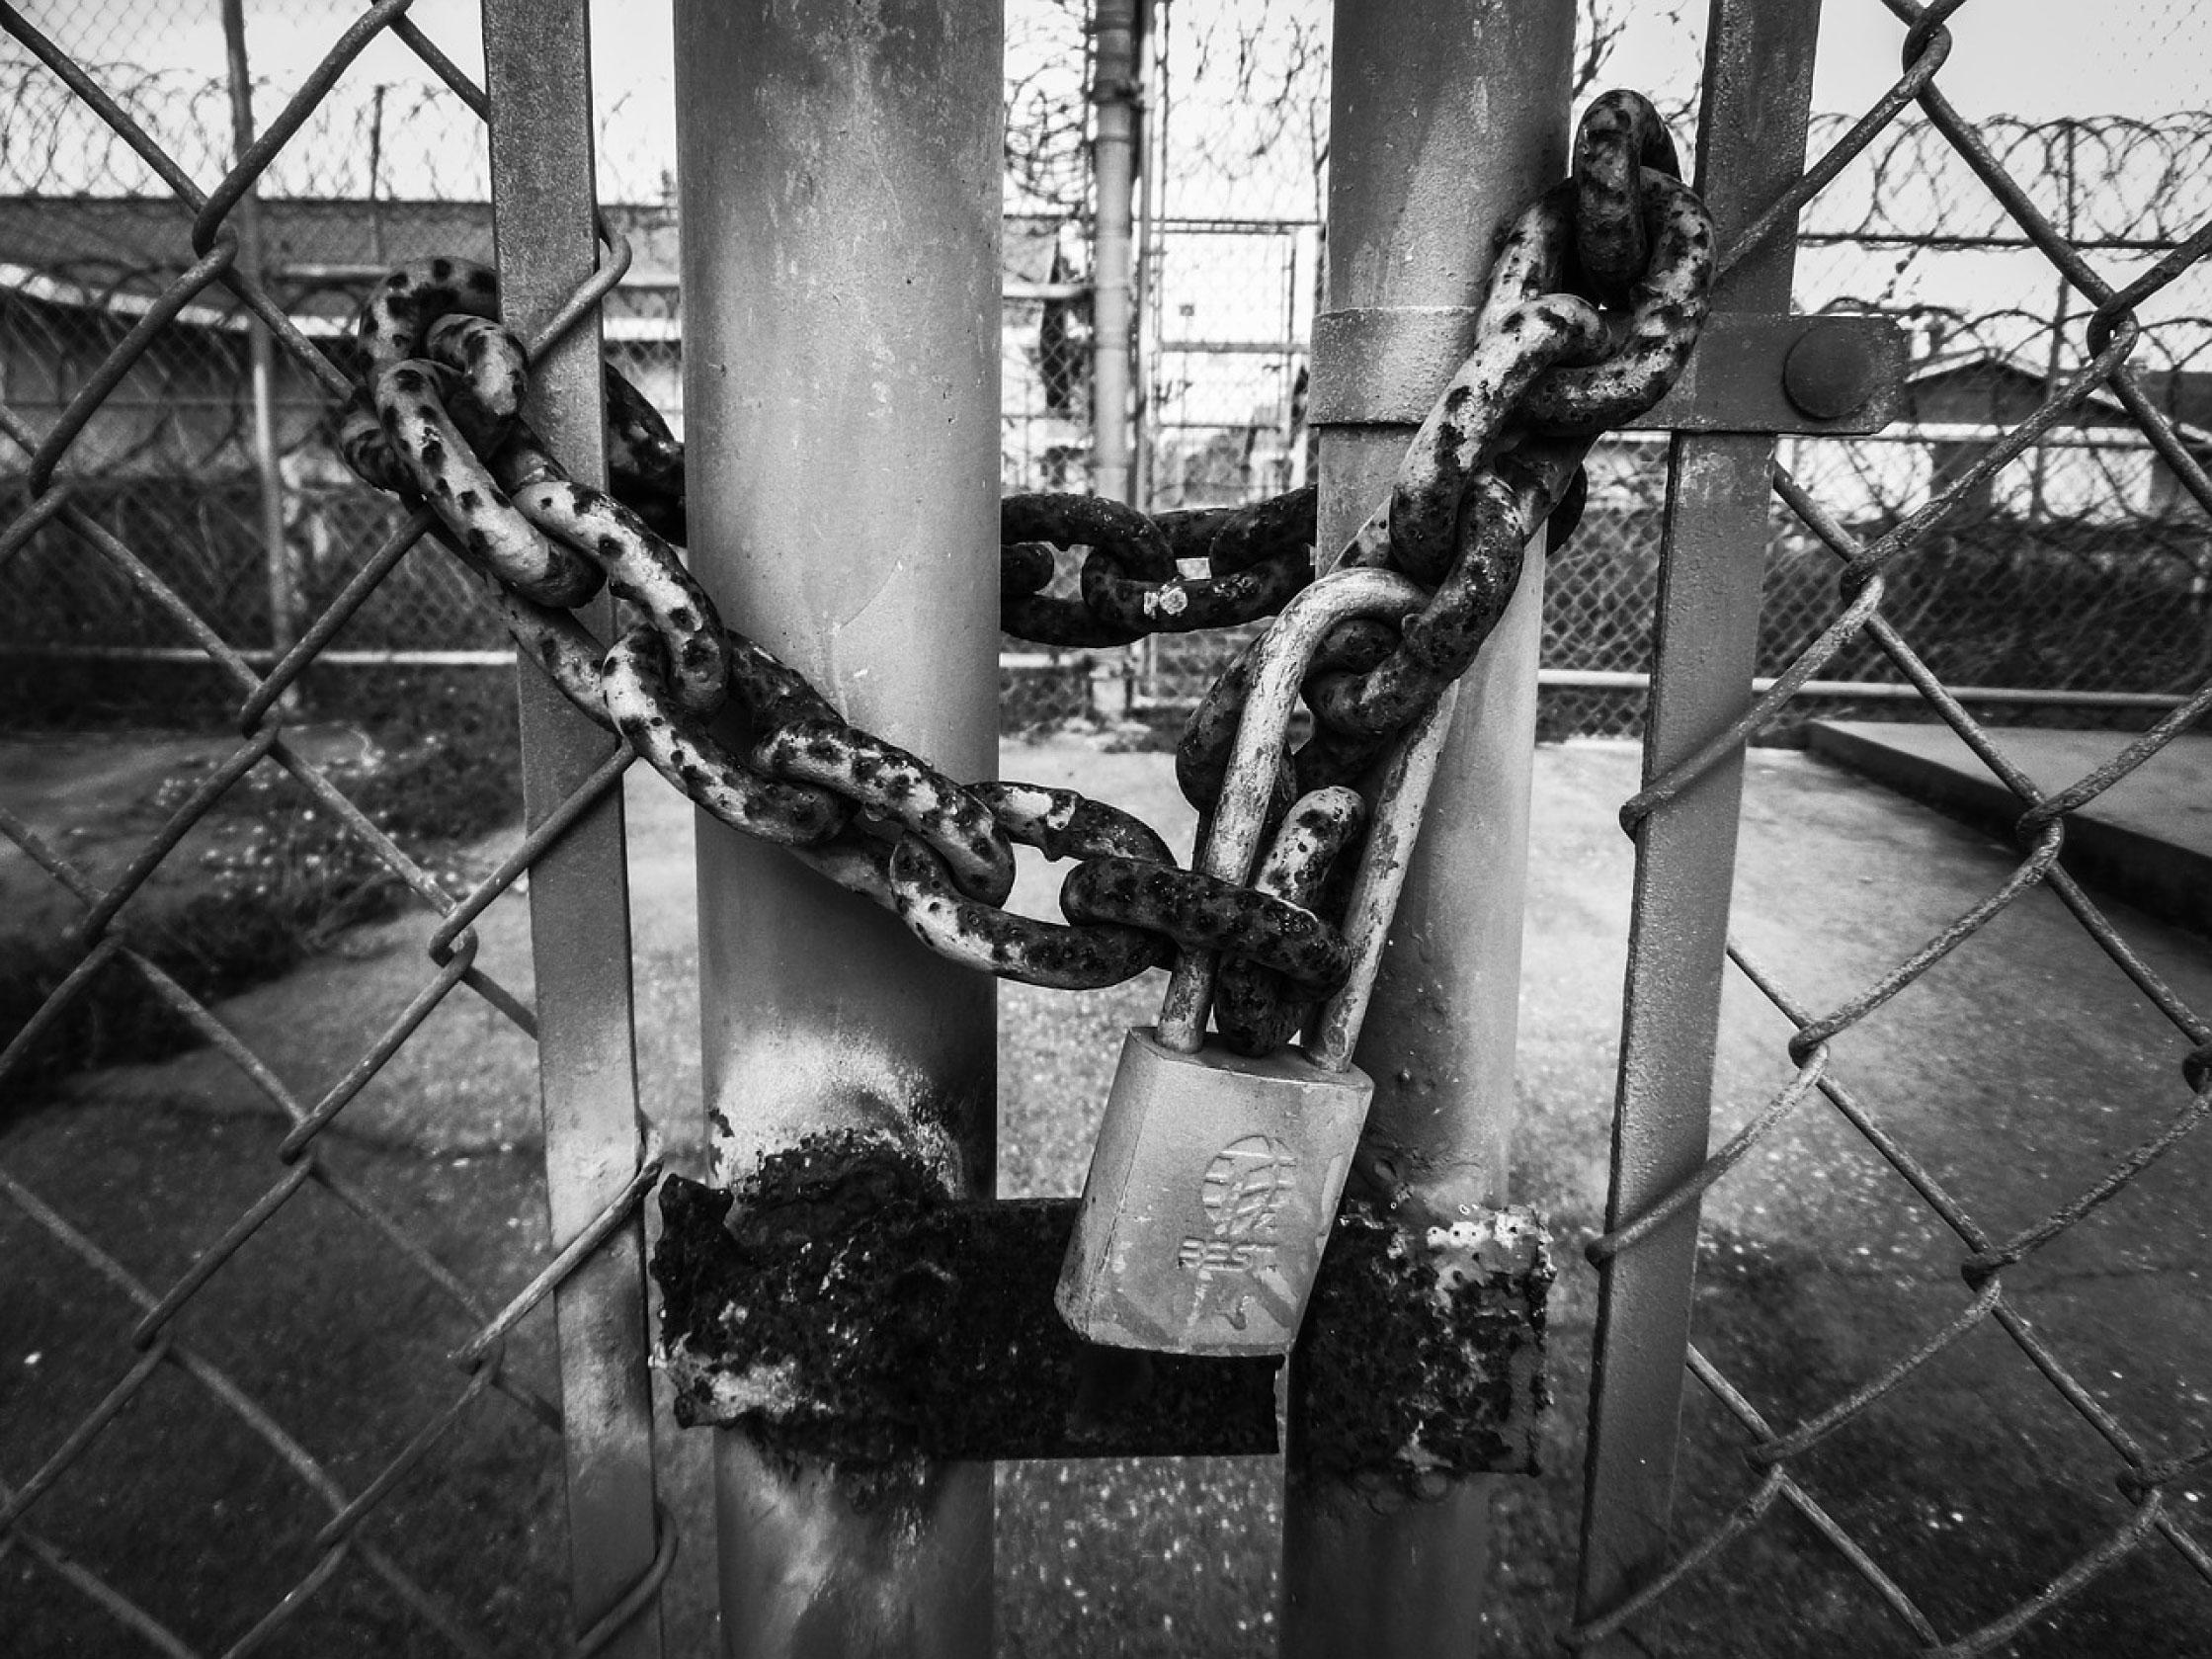 Día Mundial de la Salud en prisión: ¿privación de libertad o pena de muerte?